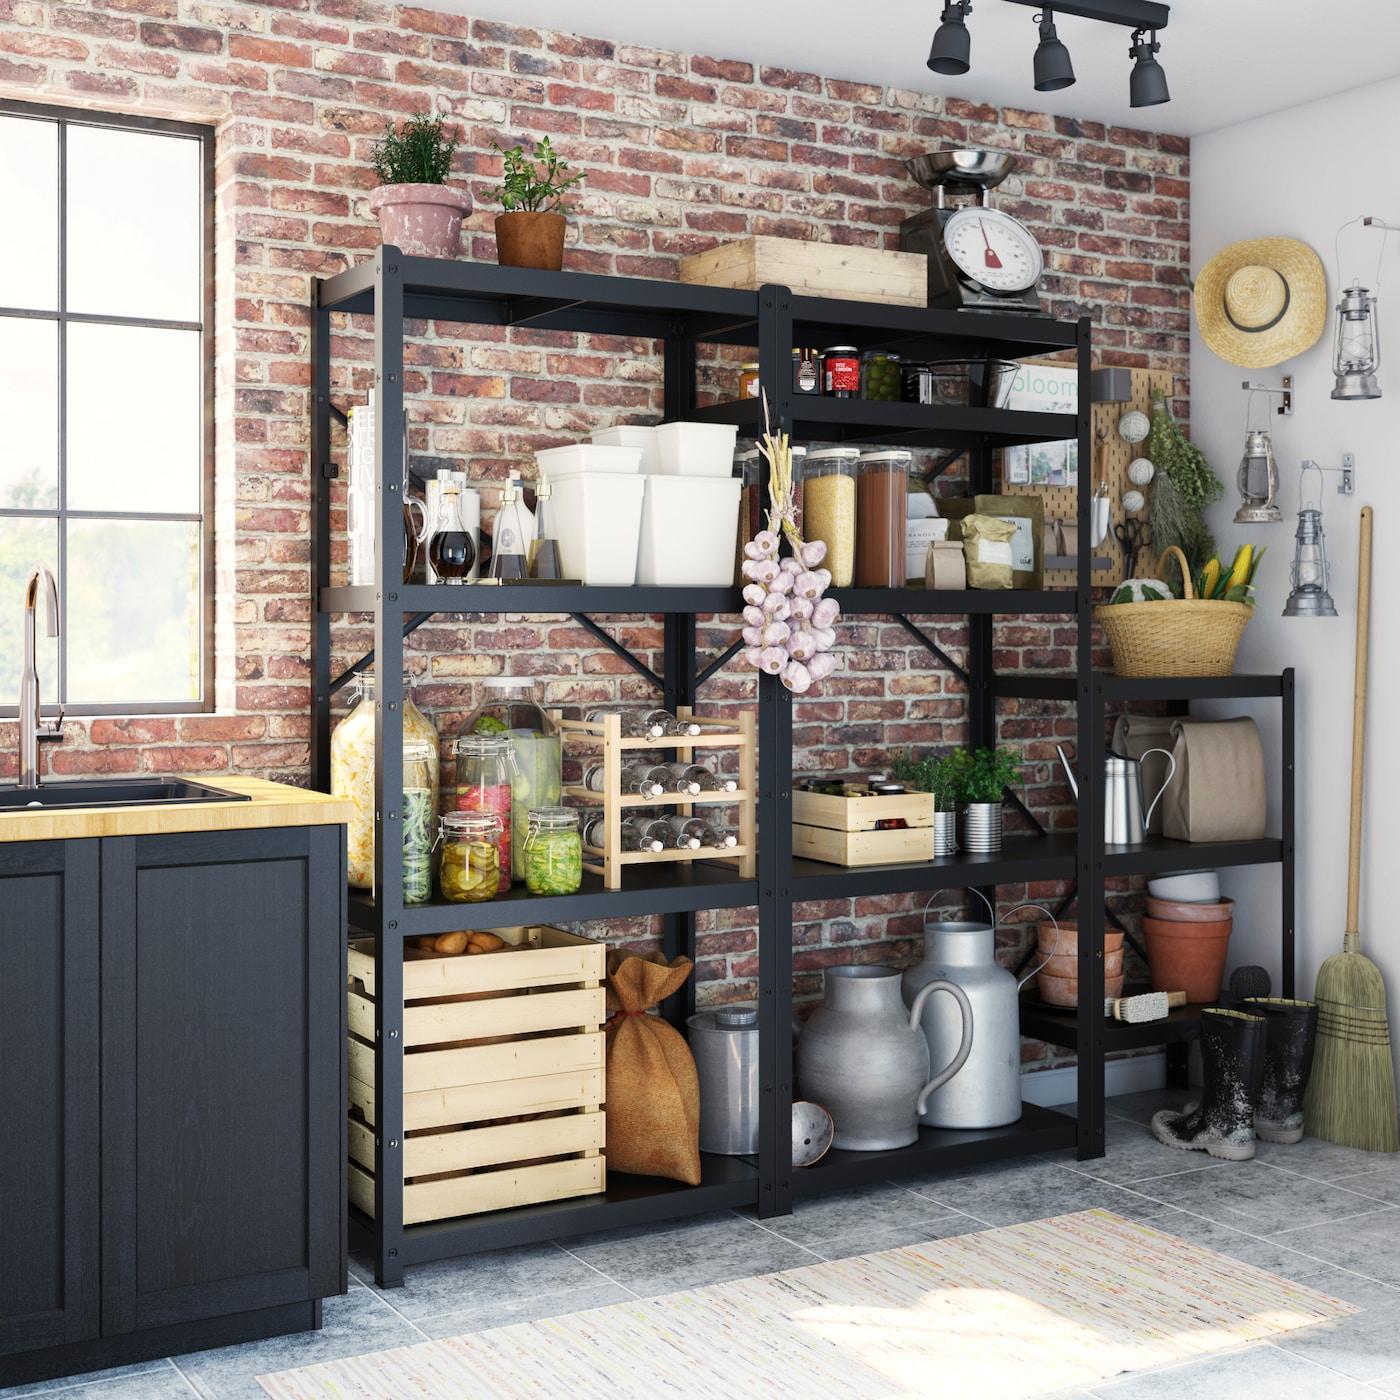 Schwarzes Vorratsregal in einem Kellerraum mit Holzkisten, grauen Kannen, Lebensmitteln, Körben & Besen.